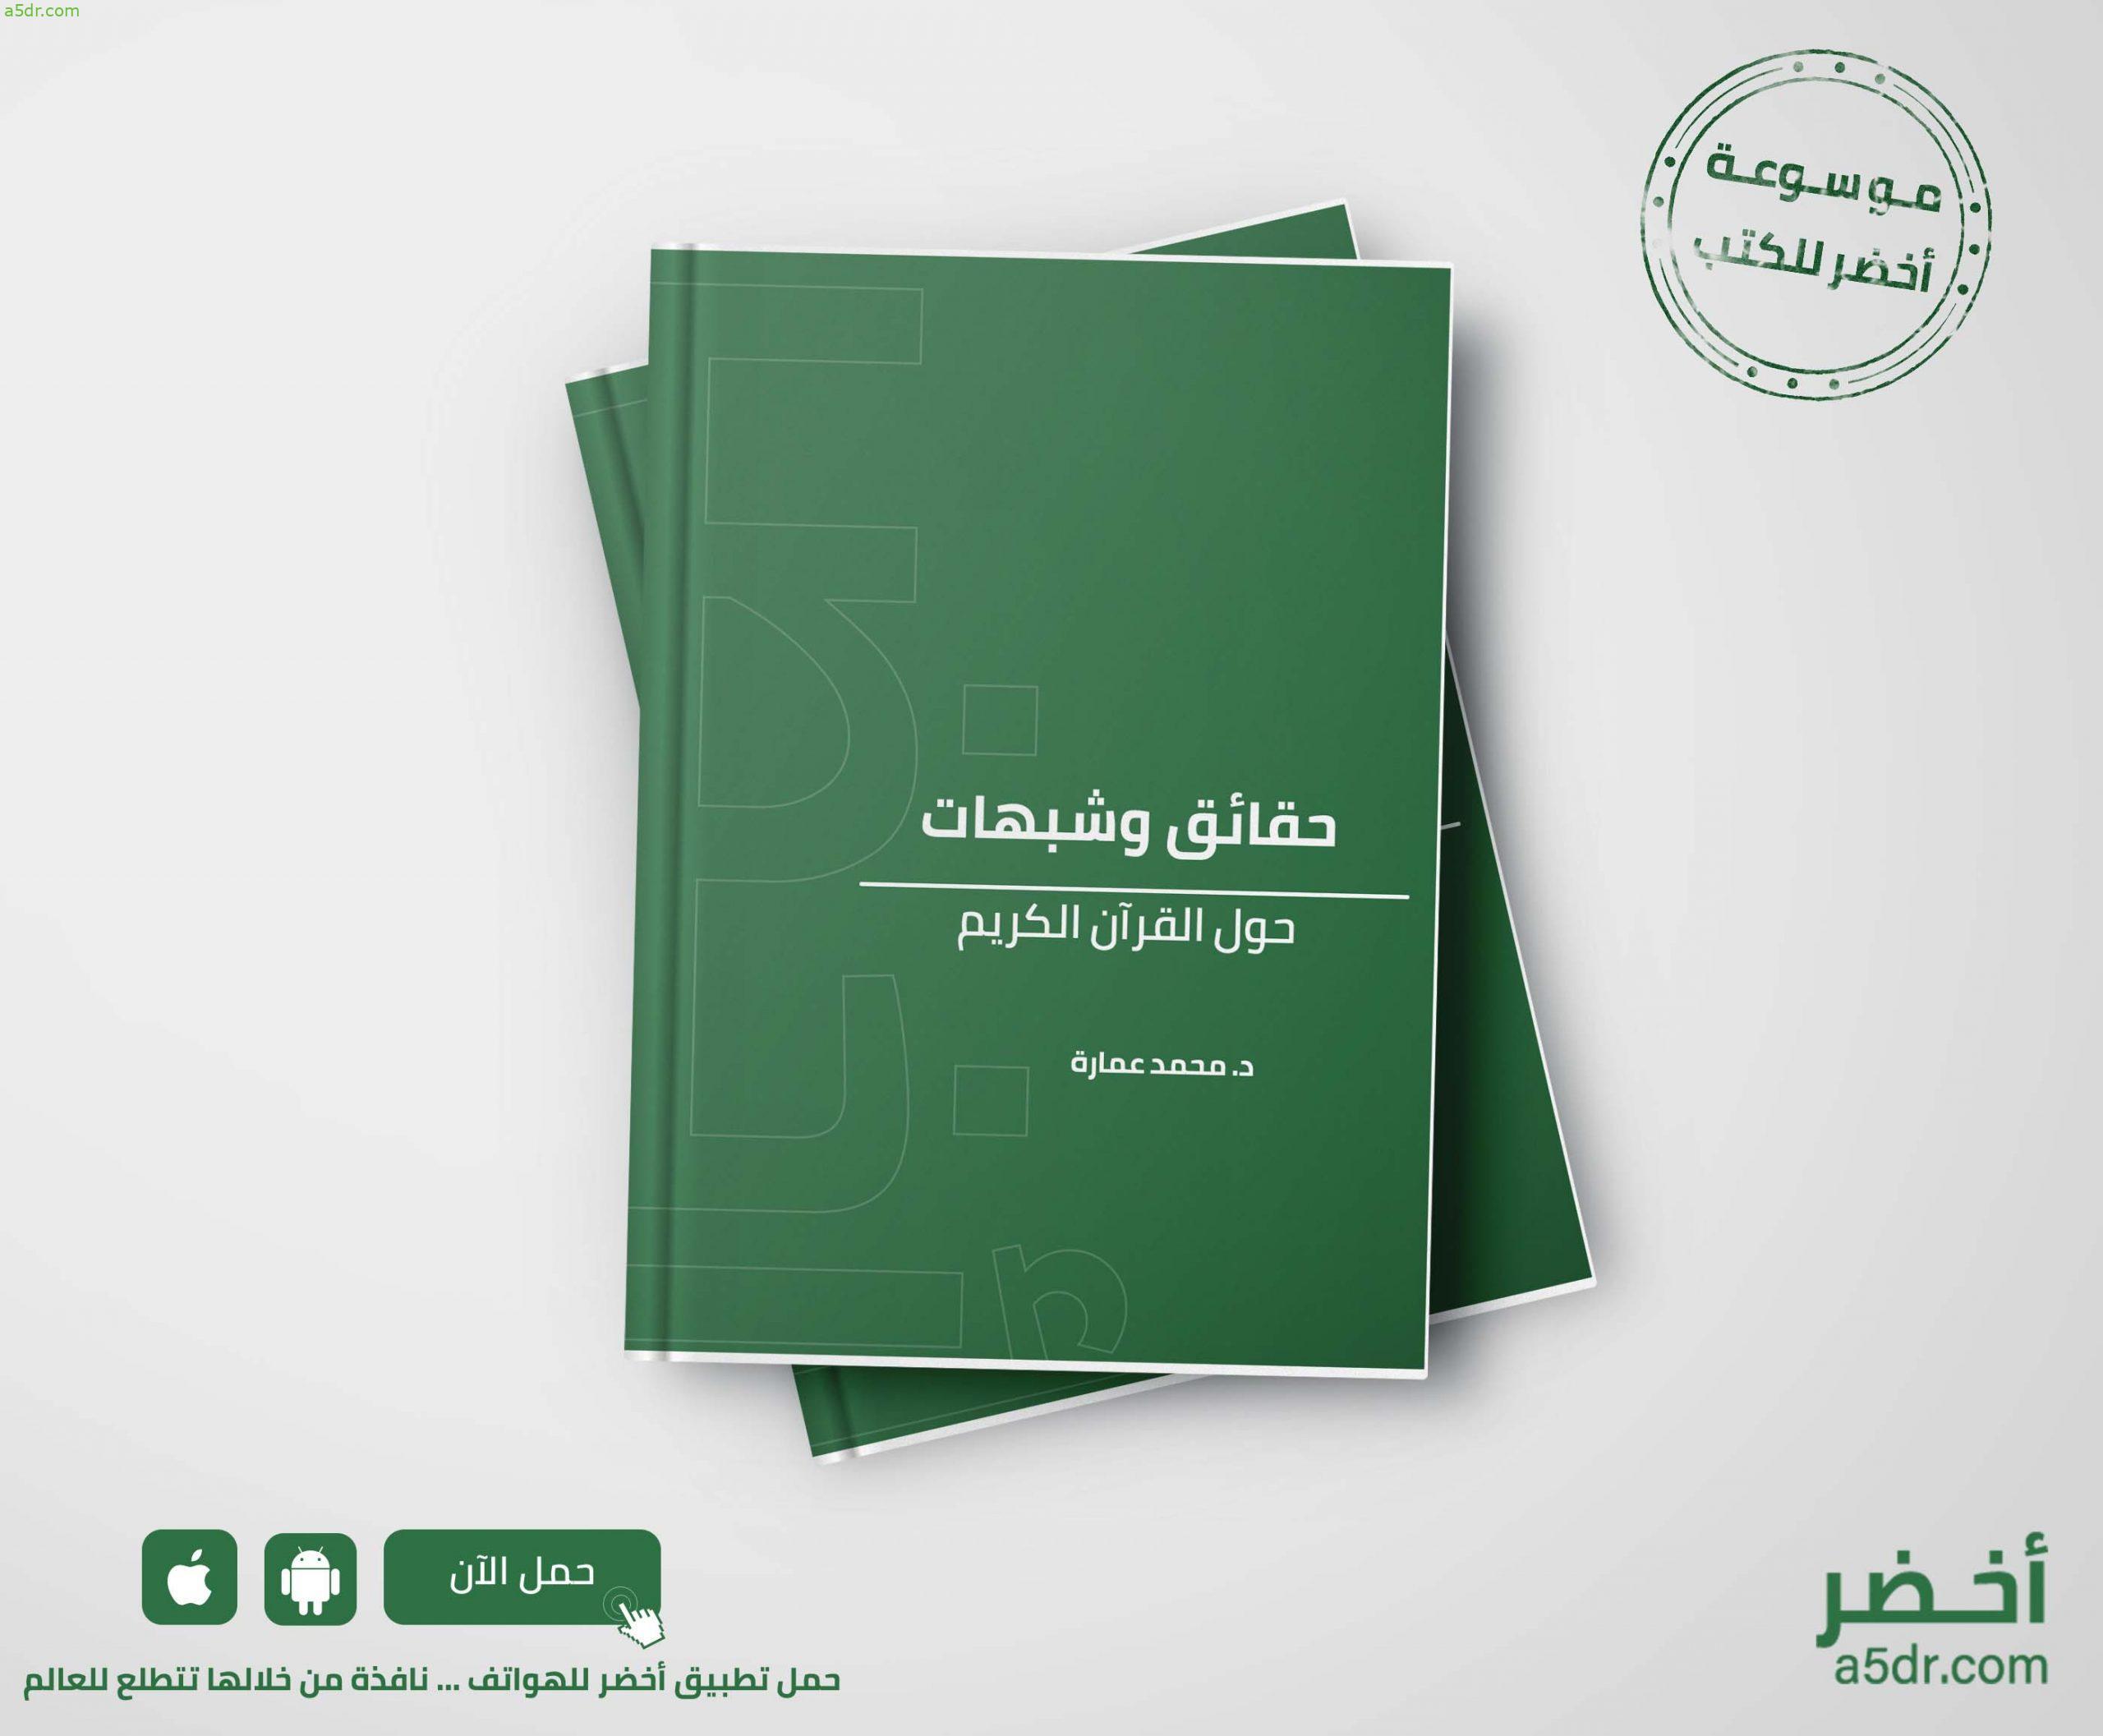 كتاب حقائق وشبهات حول القرآن الكريم - محمد عمارة